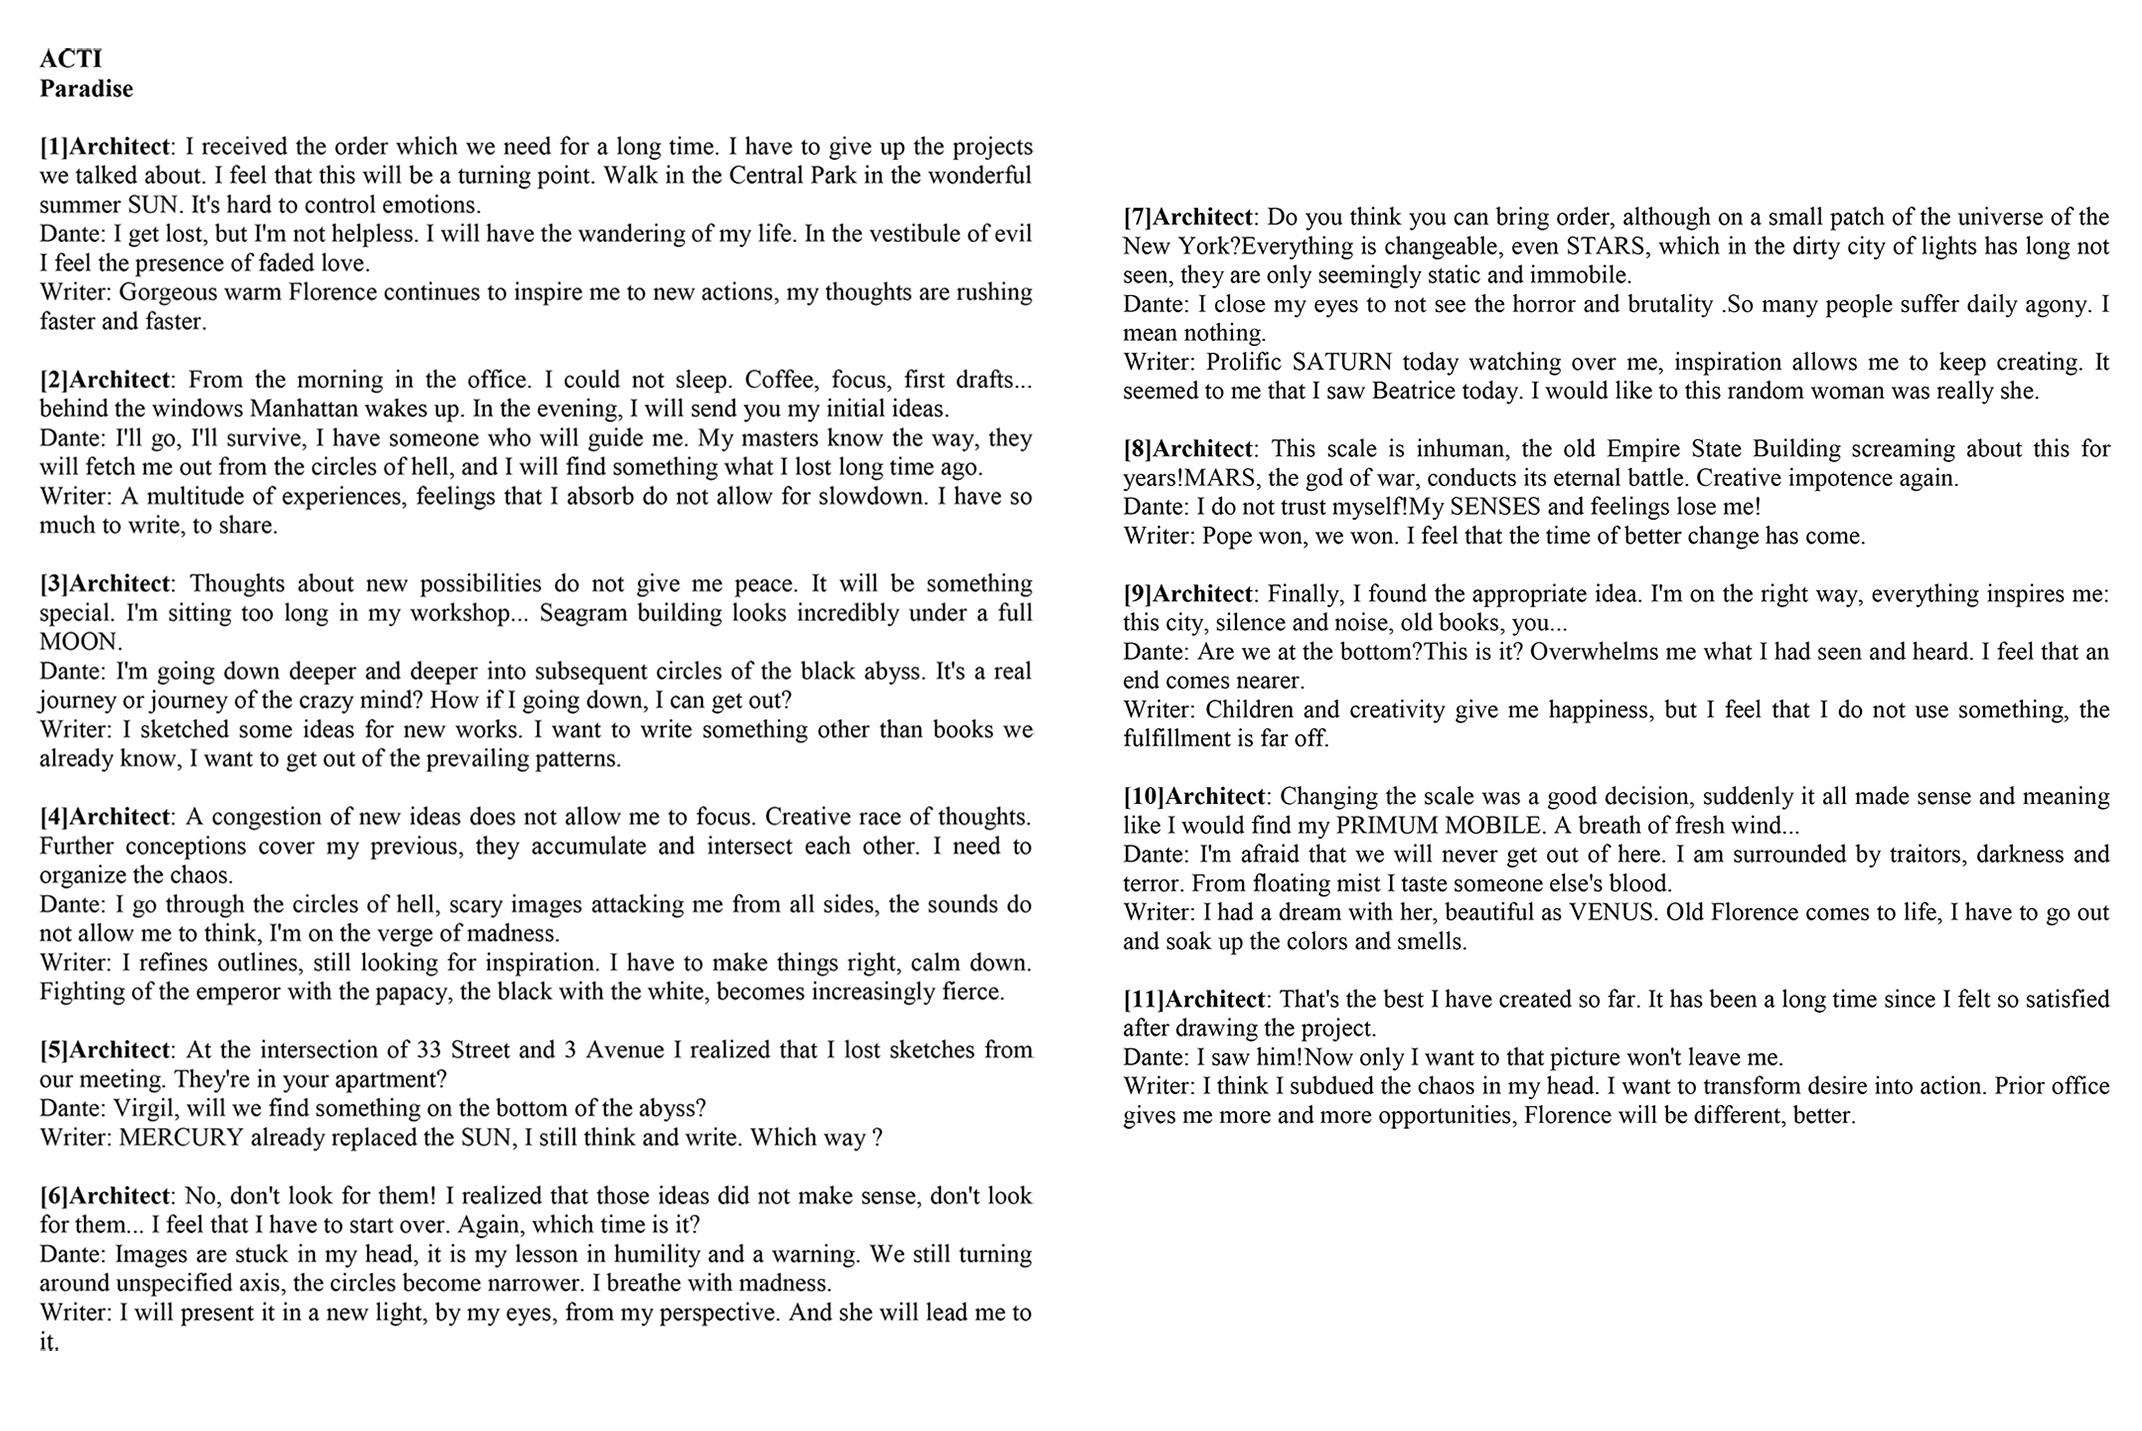 Dekonstrukcja Dantego - akt 1